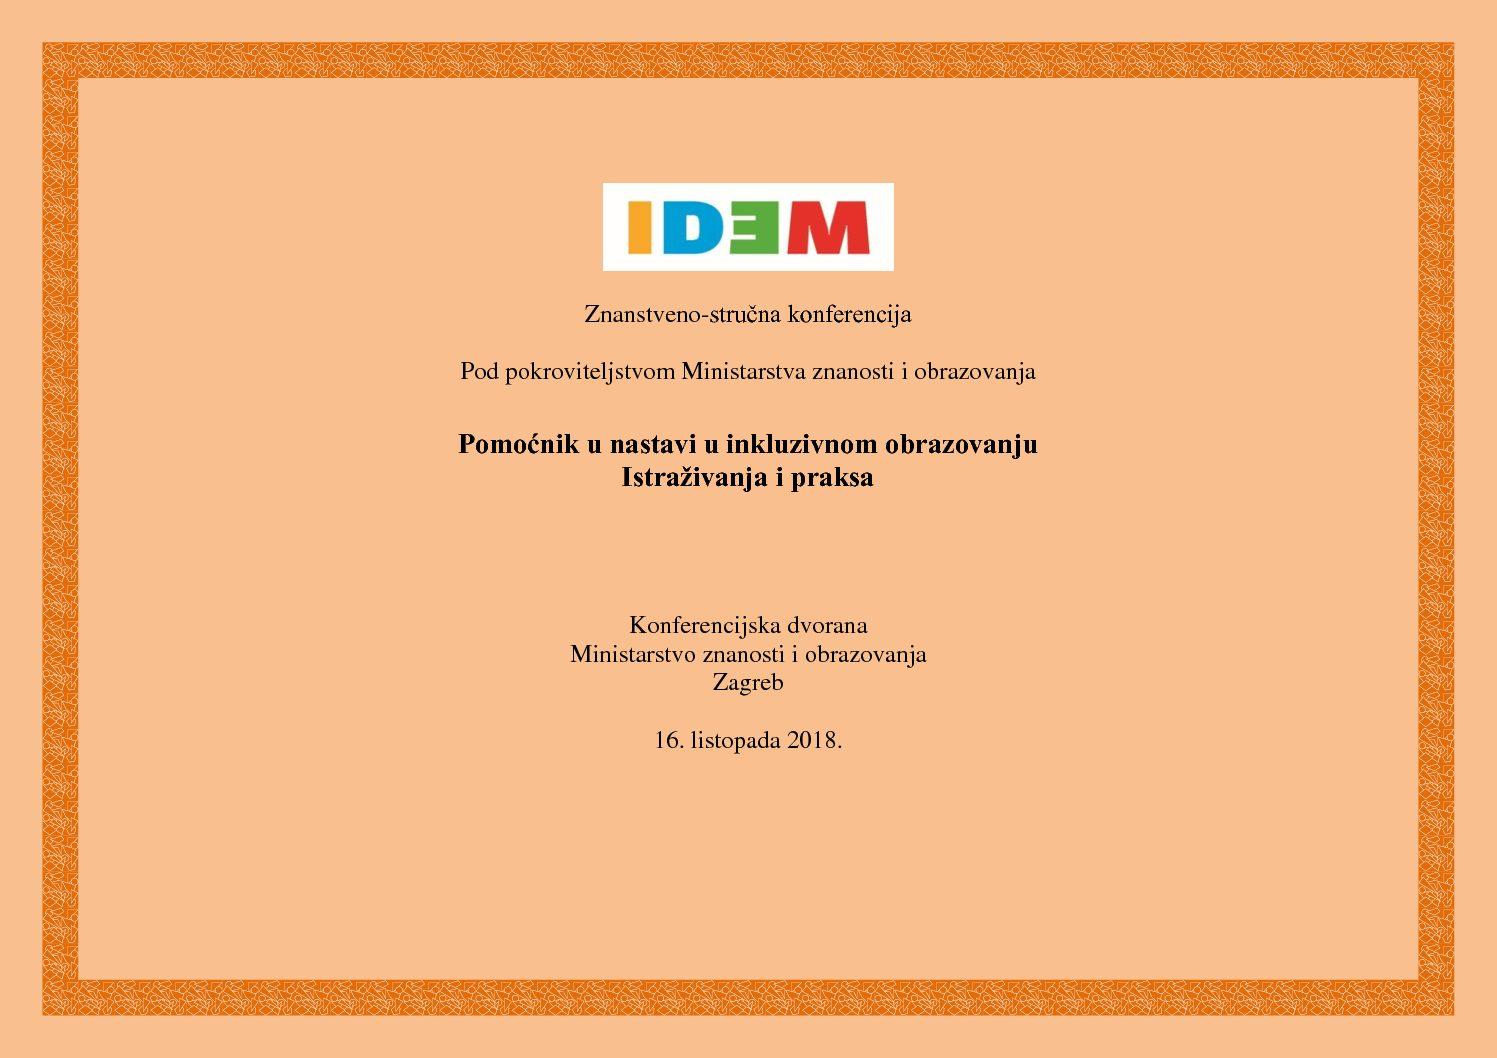 """Obavijest o konferenciji """"Pomoćnik u nastavi u inkluzivnom obrazovanju – istraživanja i praksa"""""""